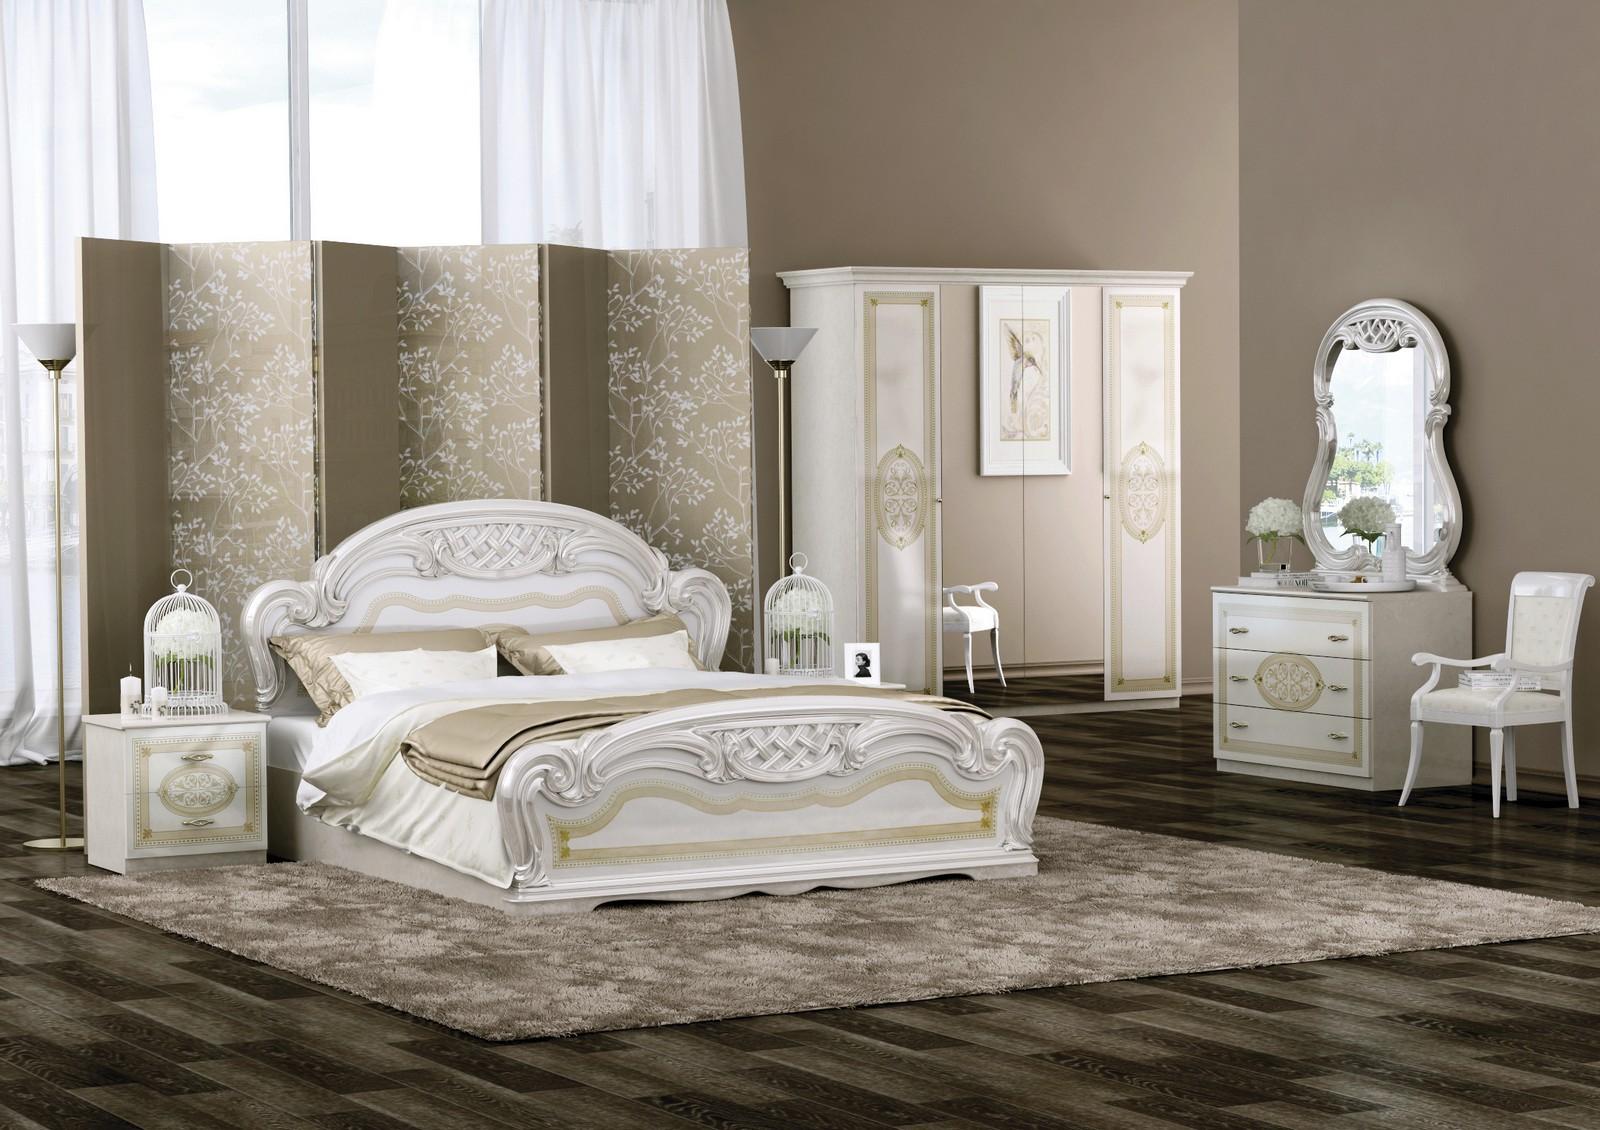 Спальня ЛАРА БЕЖЕВЫЙ СО ШКАФОМ 4Д кровать 160х200